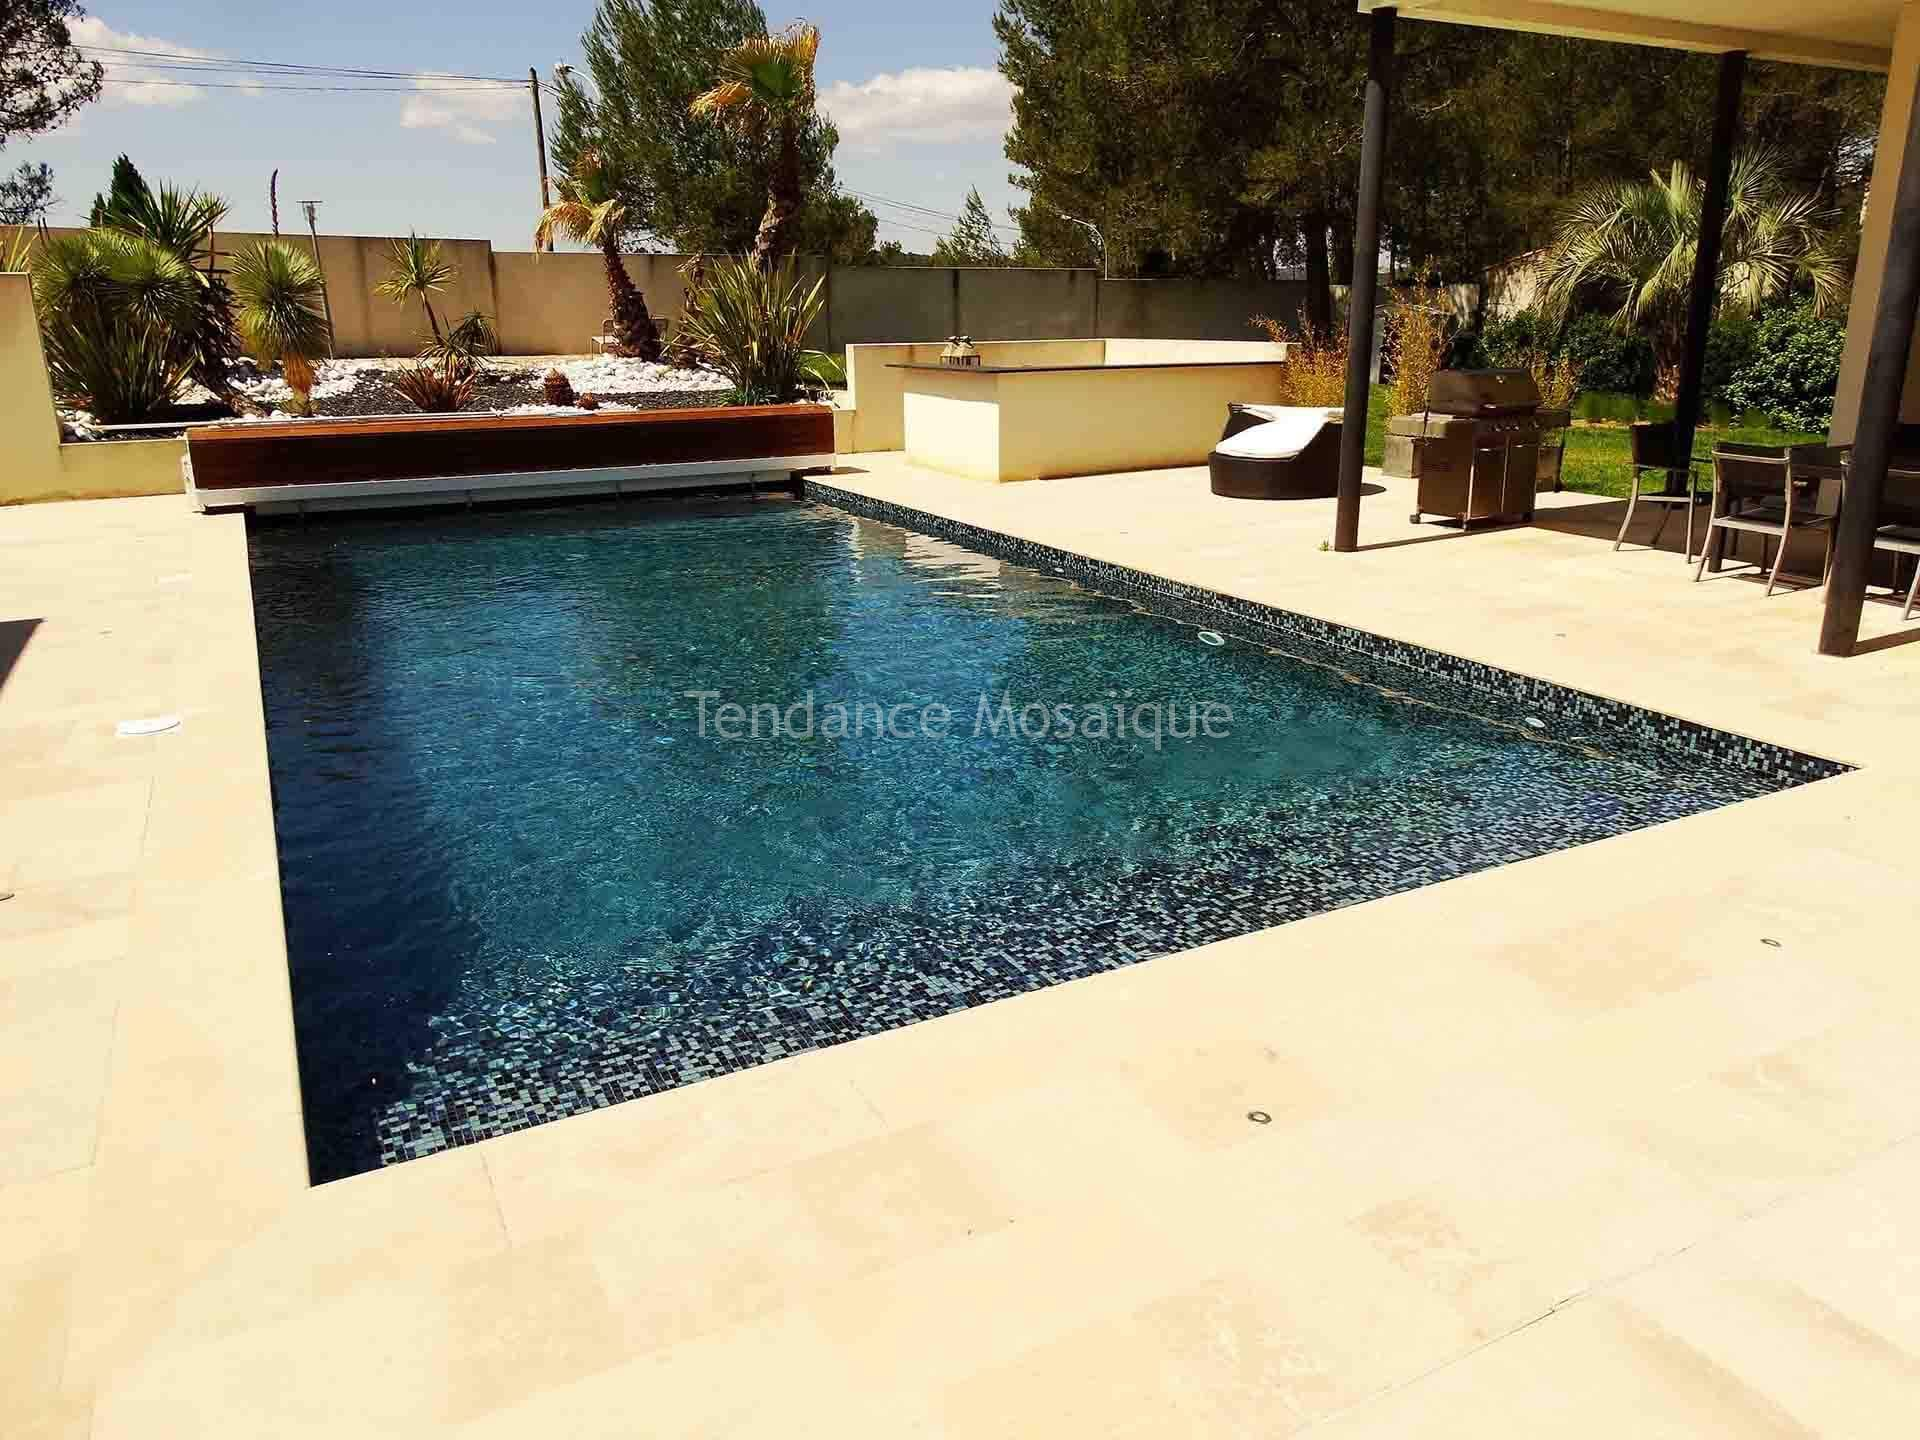 Piscine en p te de verre dolce mosaic r f rence ophelia carrelage piscine - Carrelage piscine pate de verre ...